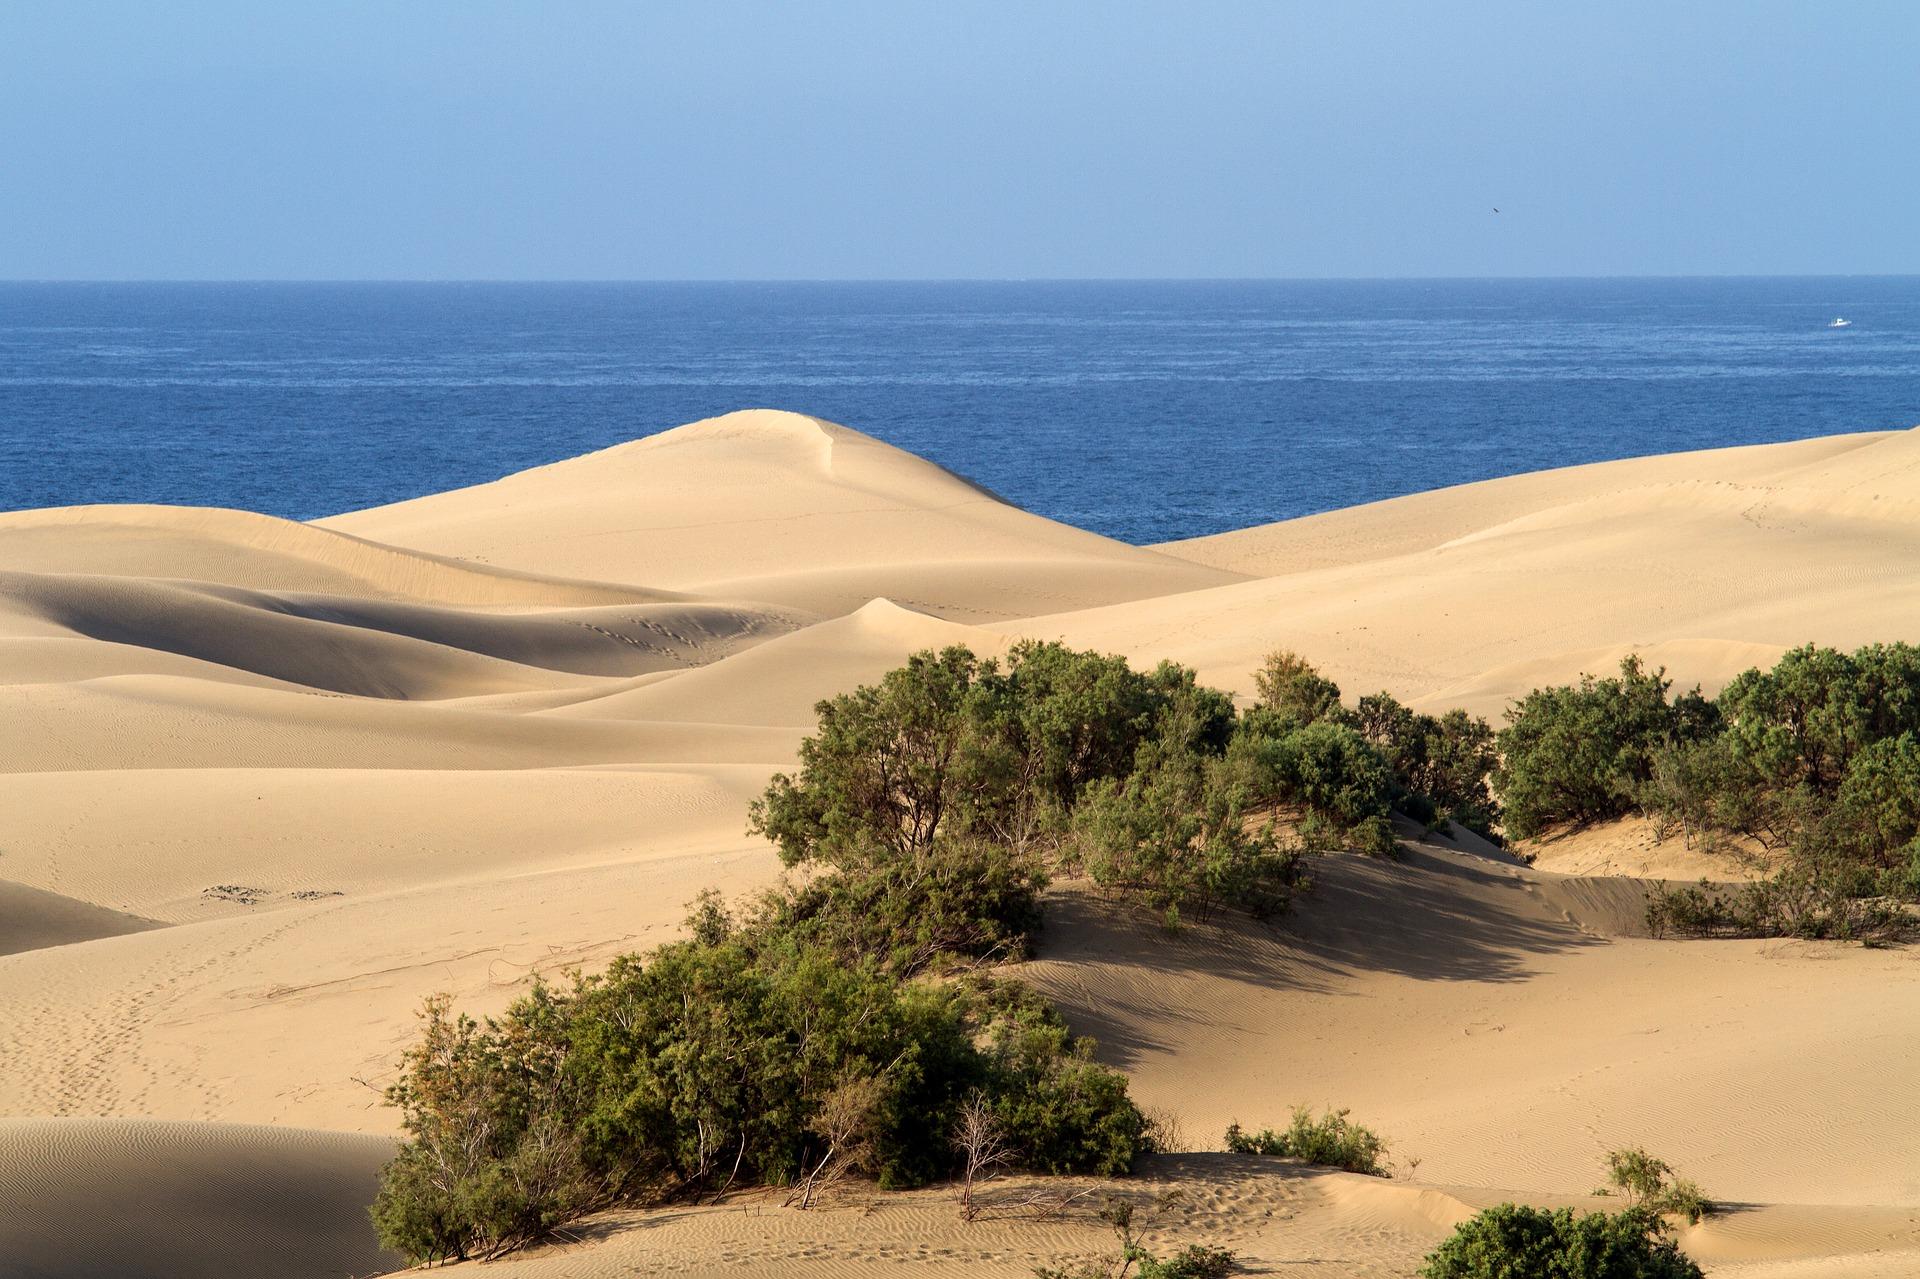 Gran Canaria Spanien Urlaub ab 162,00€ - Kanaren zum Piratenpreis Deal 2019